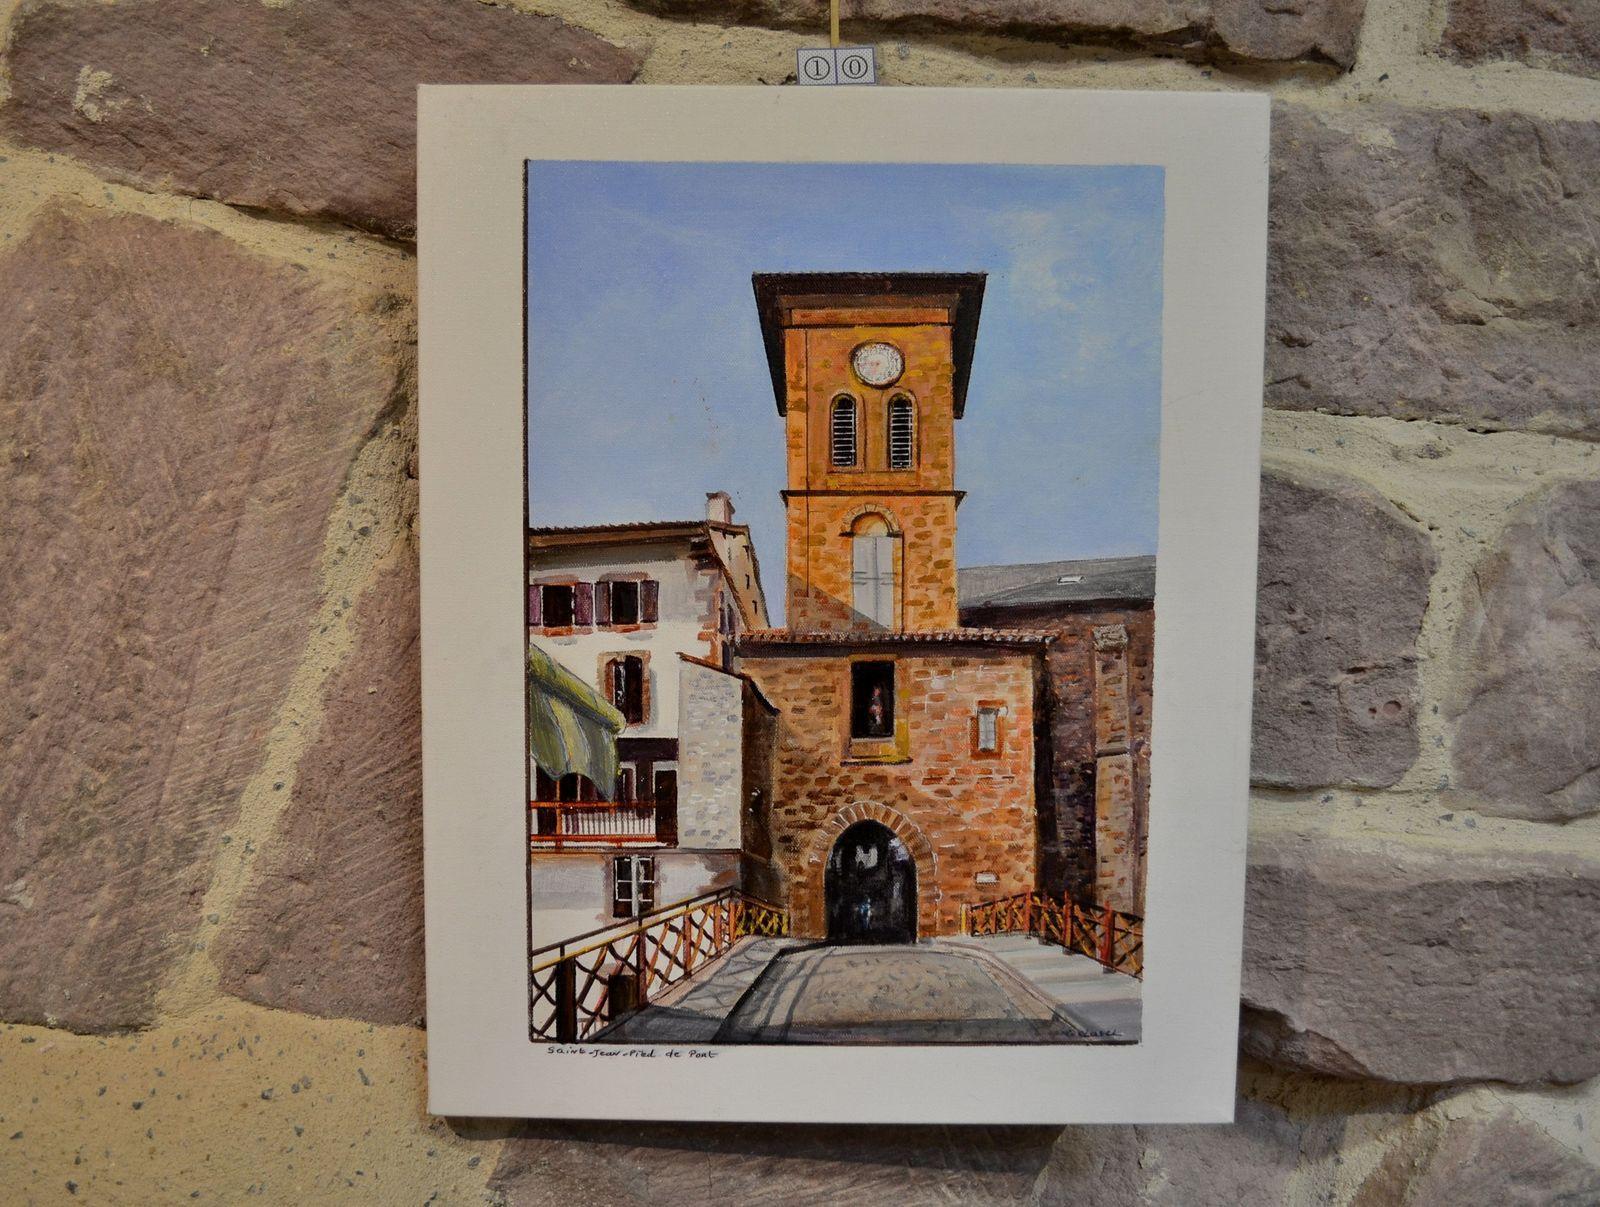 """Au deuxième étage de la Prison des Evêques, il y avait l'exposition d'une artiste-peintre, une certaine Françoise CLAVEL. J'ai beaucoup aimé ses tableaux de la campagne basque et de ses """"Etxe"""" (fermes traditionnelles)..."""